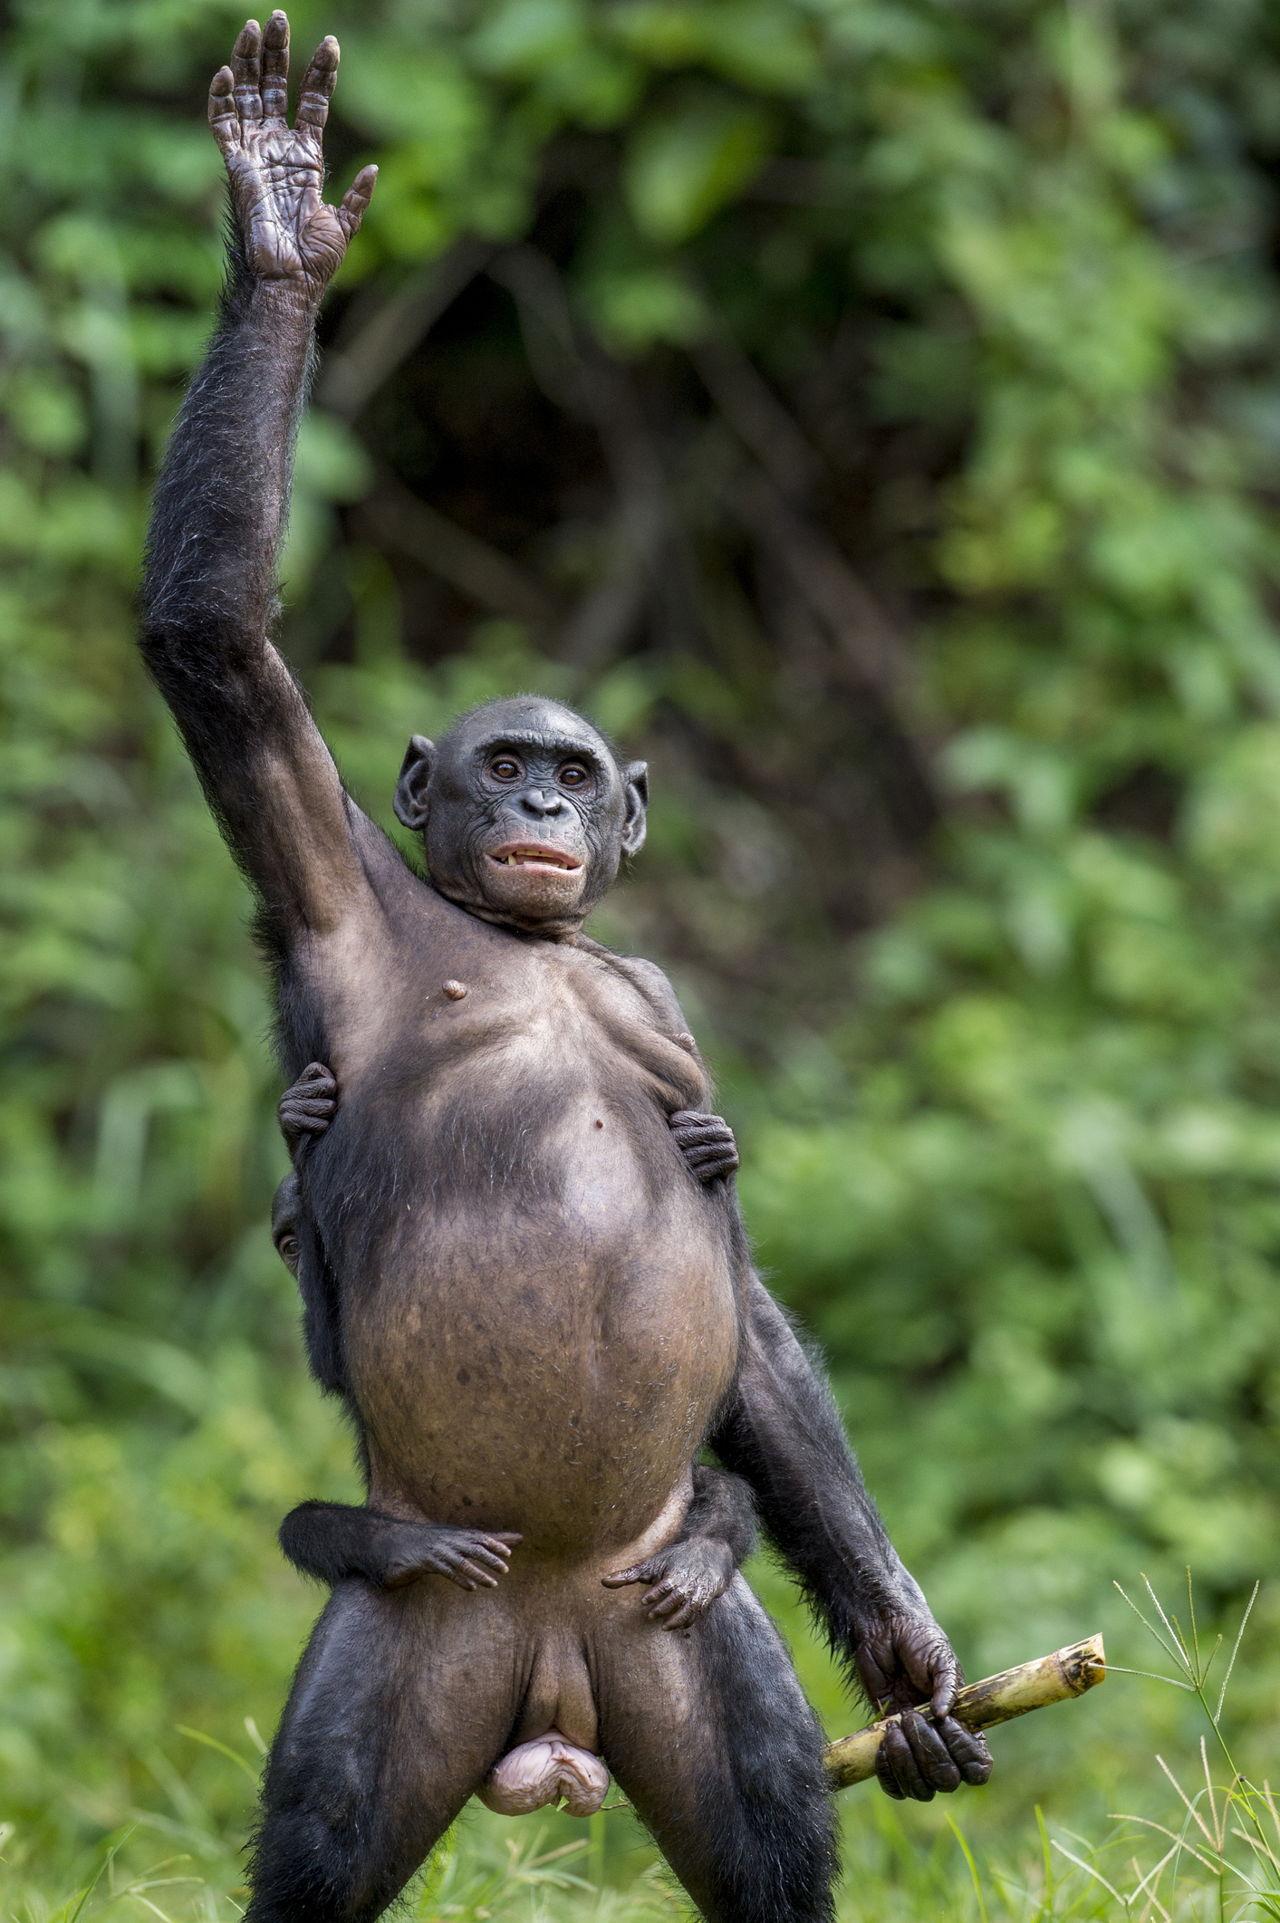 Chimpanzee Adaptations